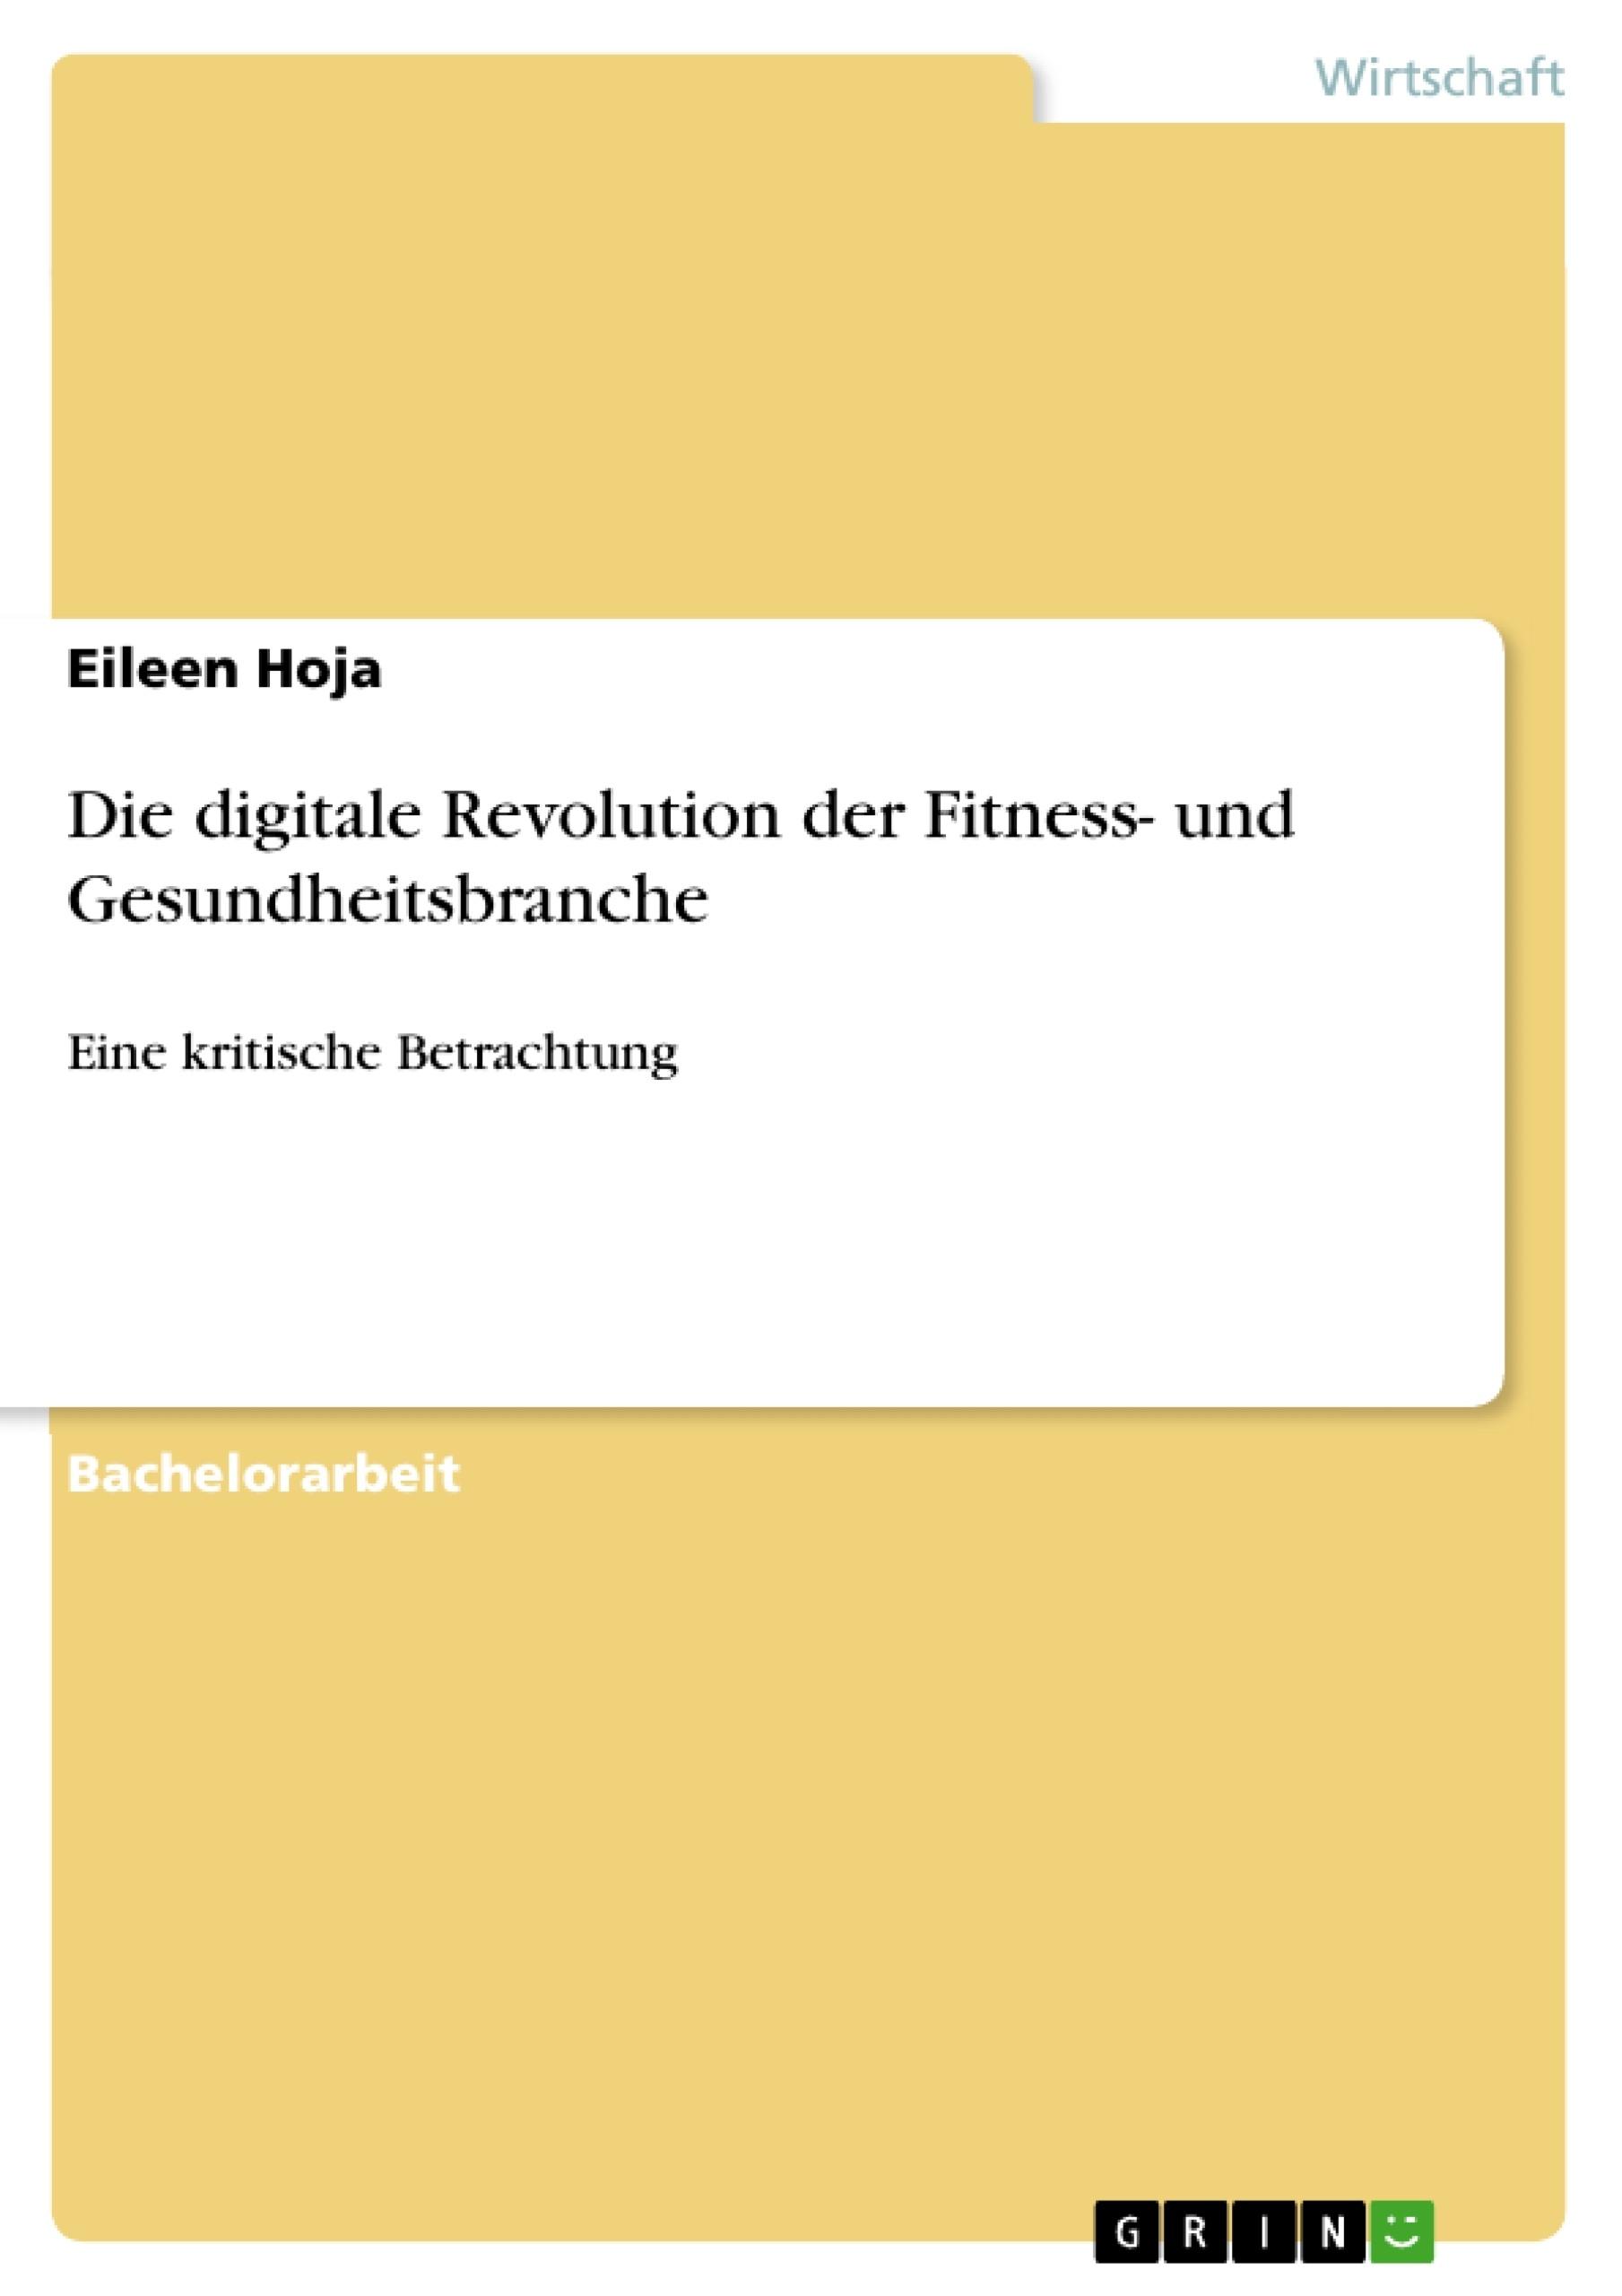 Titel: Die digitale Revolution der Fitness- und Gesundheitsbranche